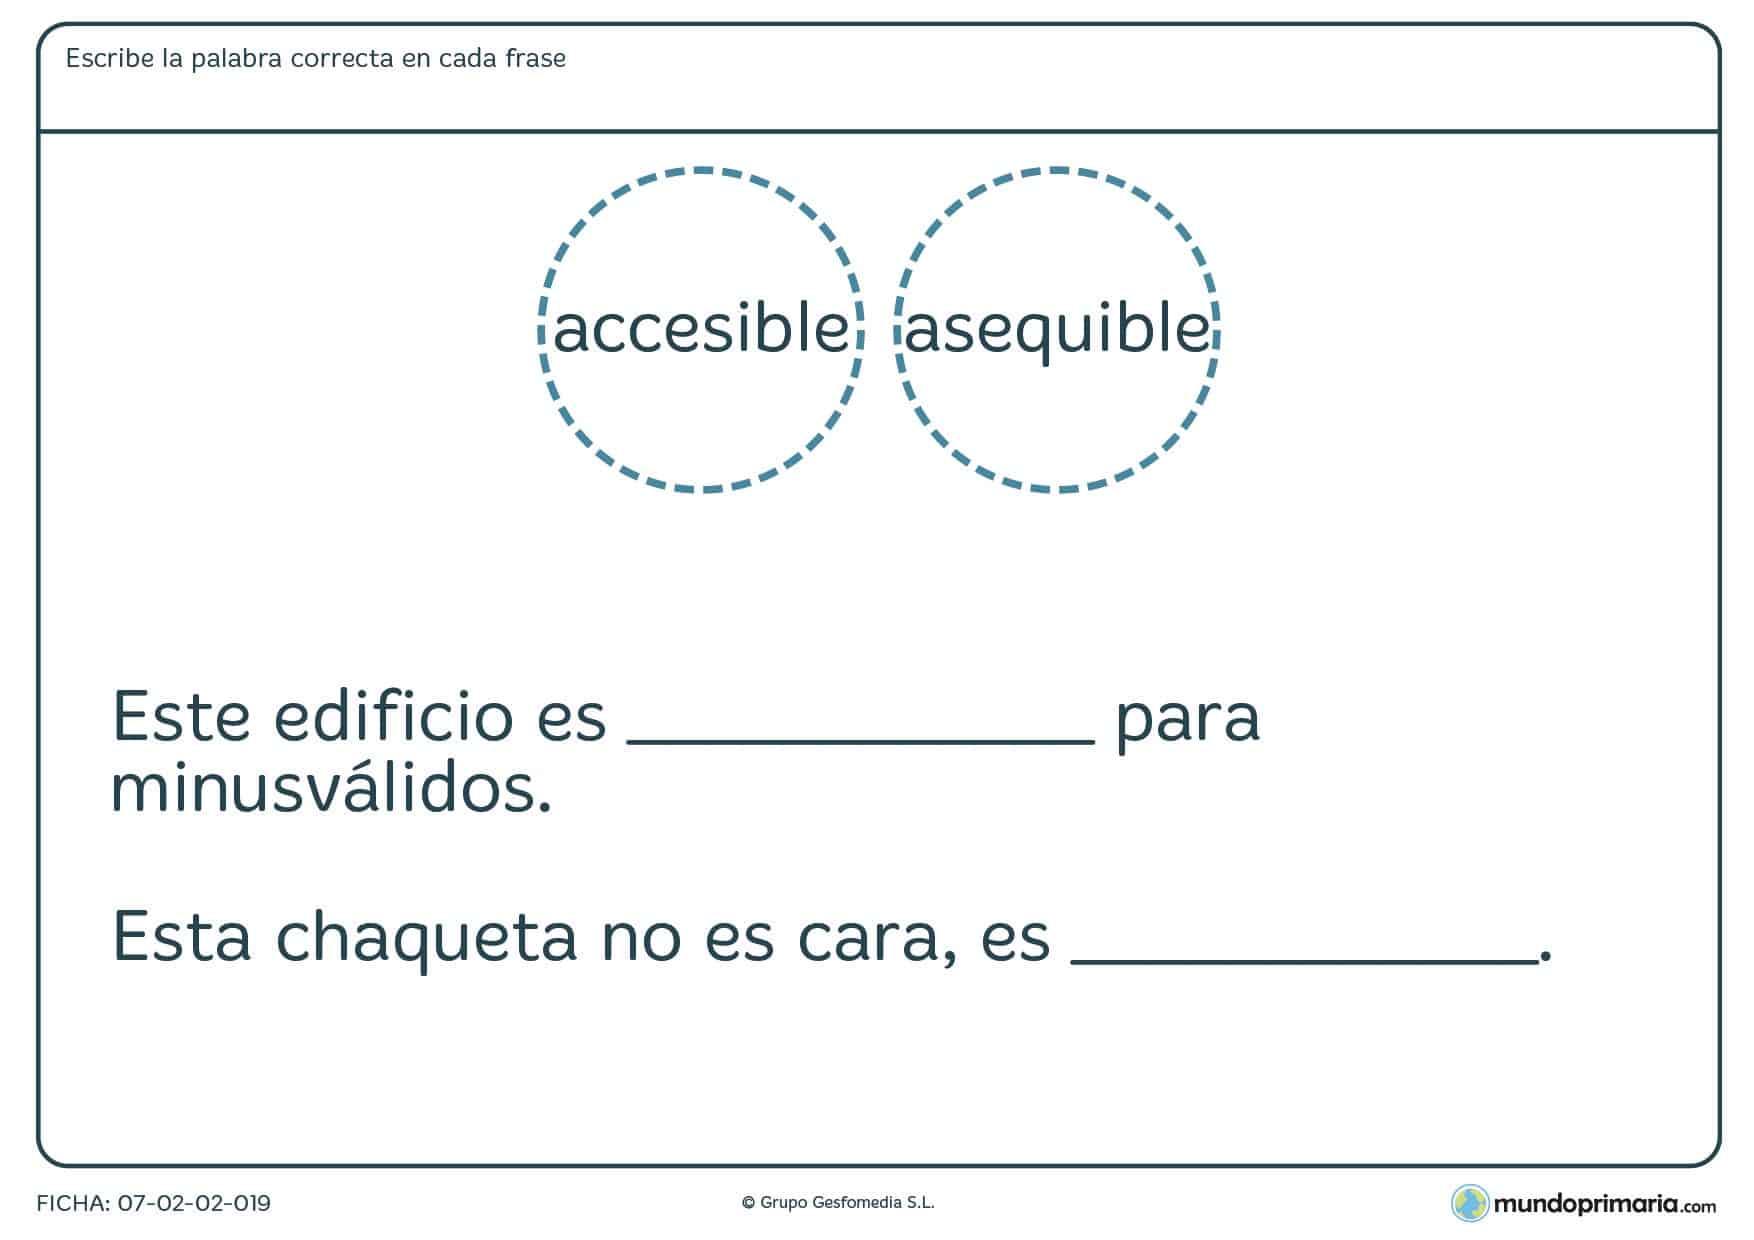 Ficha sobre palabras que se pueden confundir por su significado